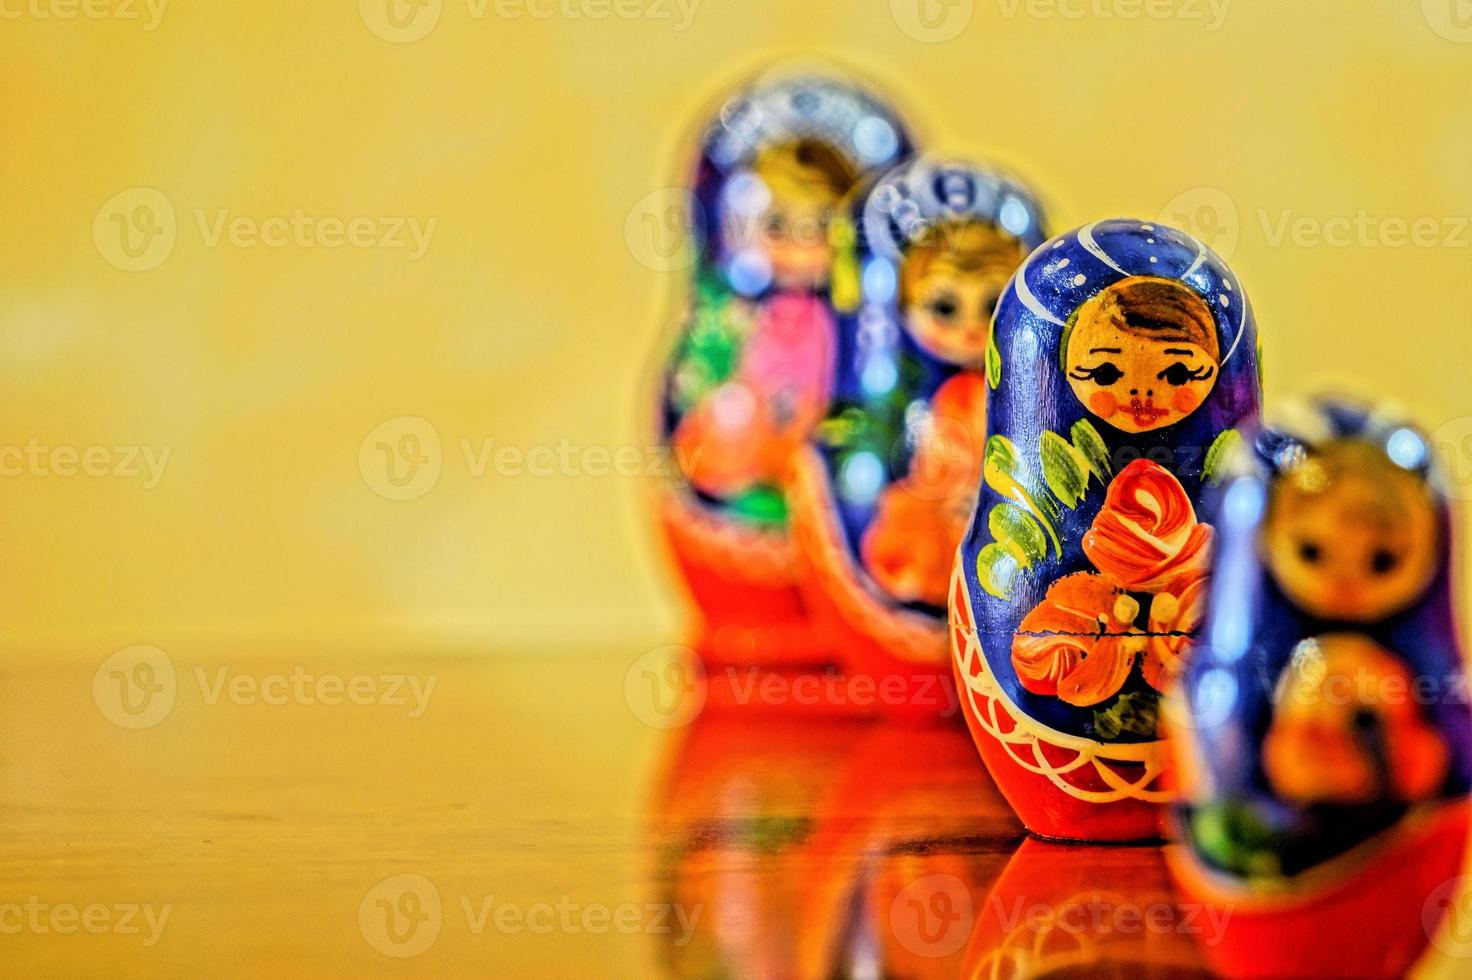 estilo boneca russa matryoshka foto